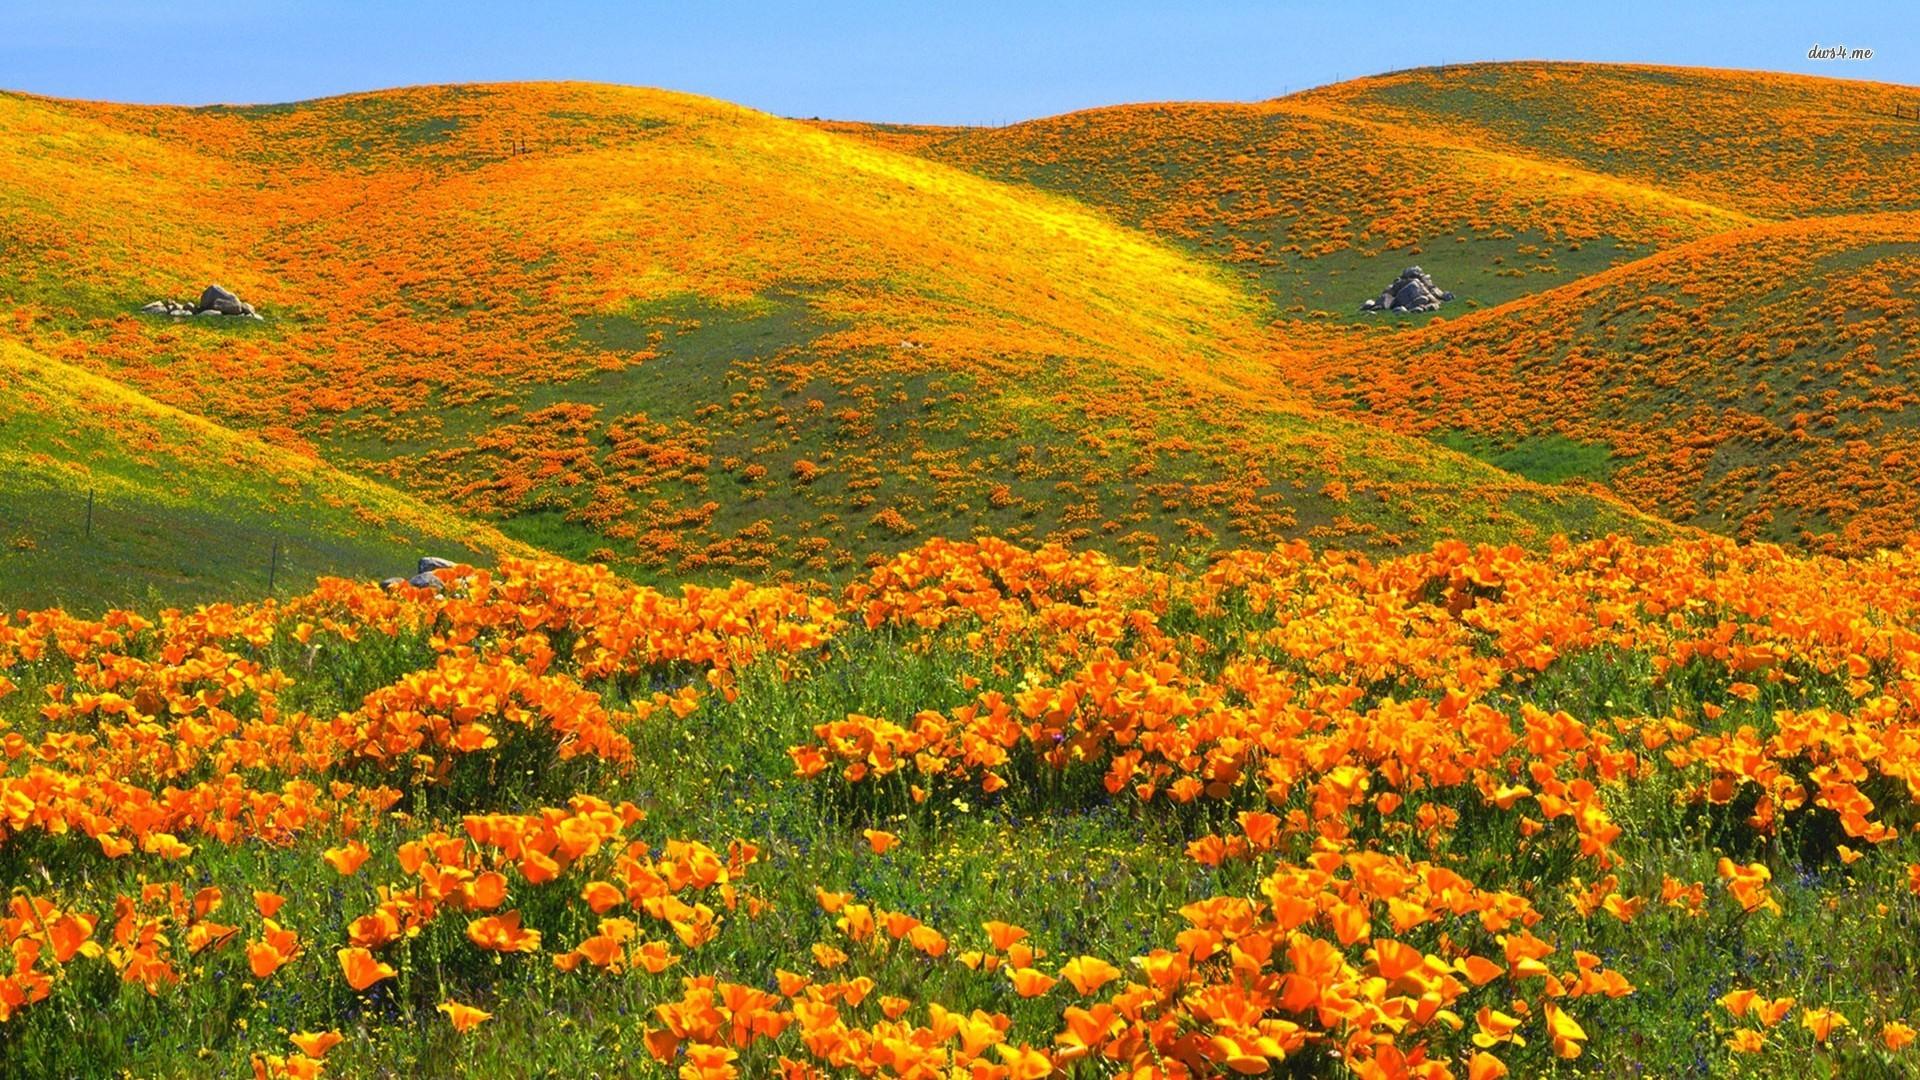 Field wallpaper · Orange Poppy Field